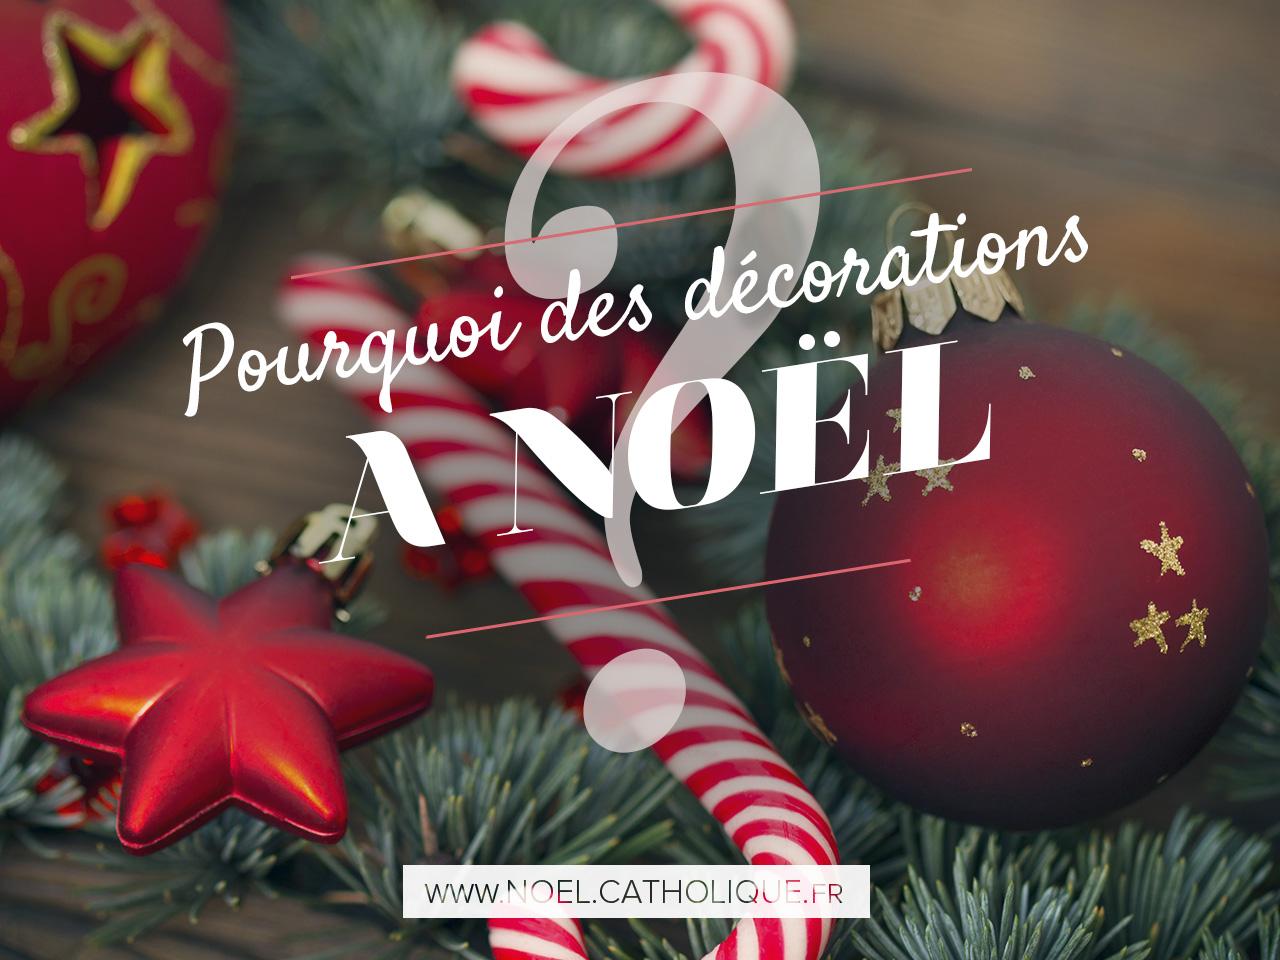 #B01B32 Pourquoi Des Décorations à Noël 5445 décorations de noel gs 1280x960 px @ aertt.com